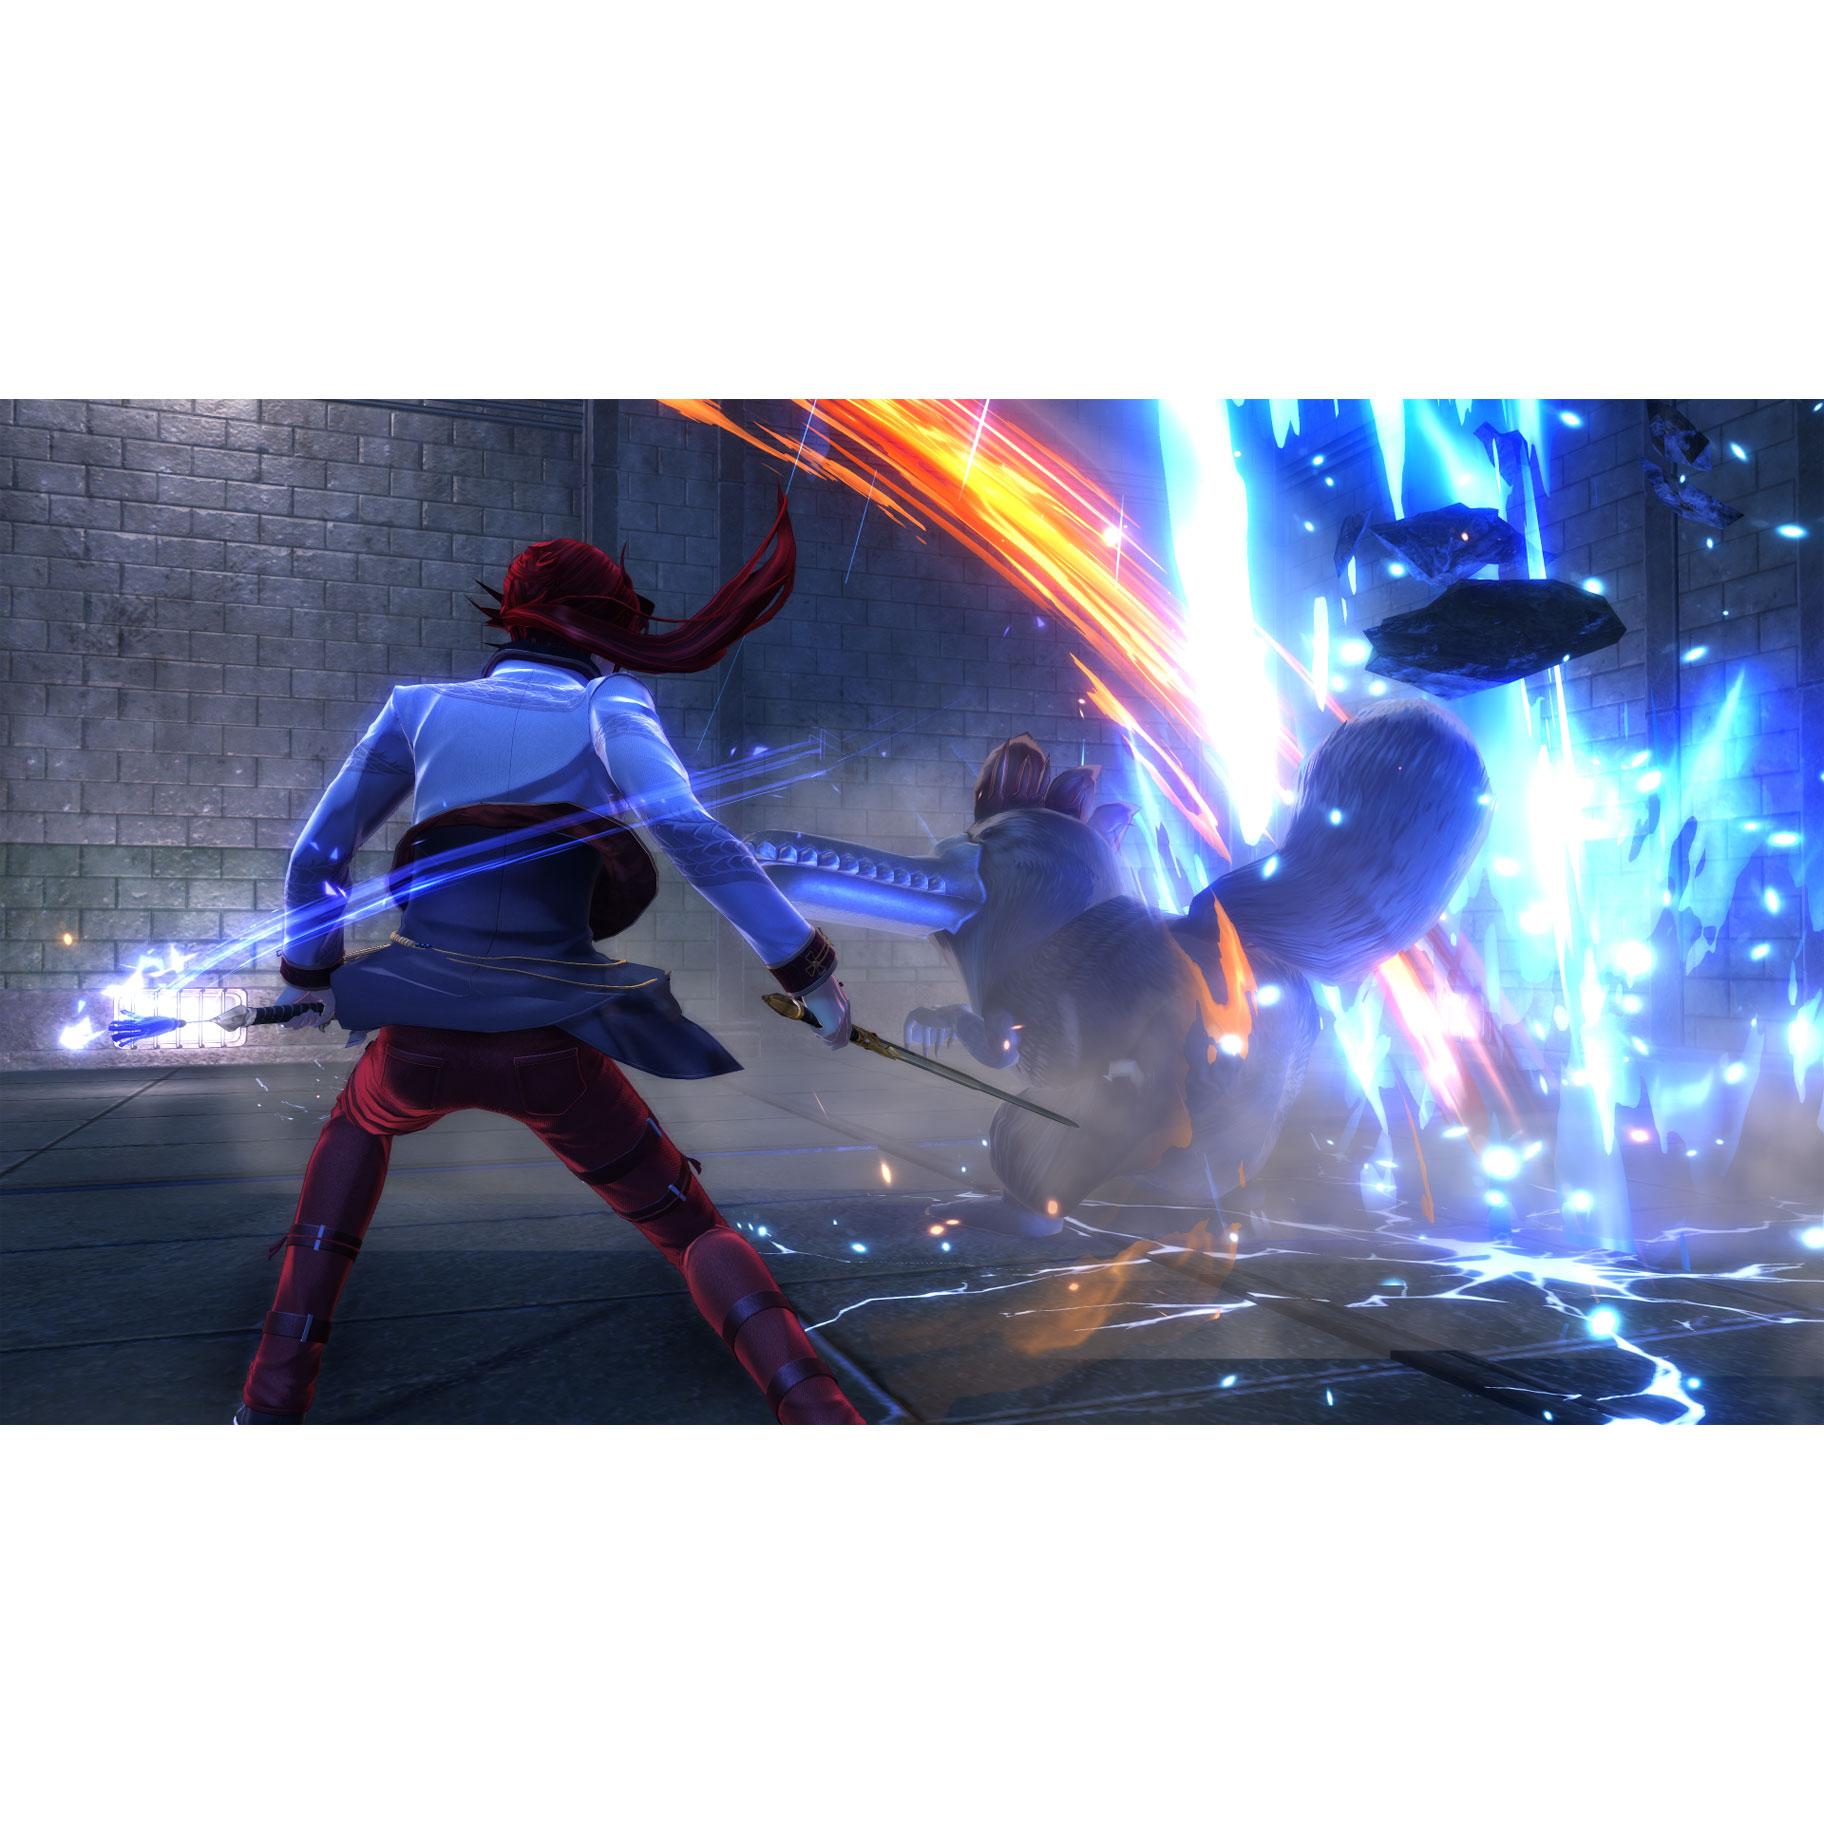 英雄伝説 黎の軌跡 通常版 【PS4ゲームソフト】_2